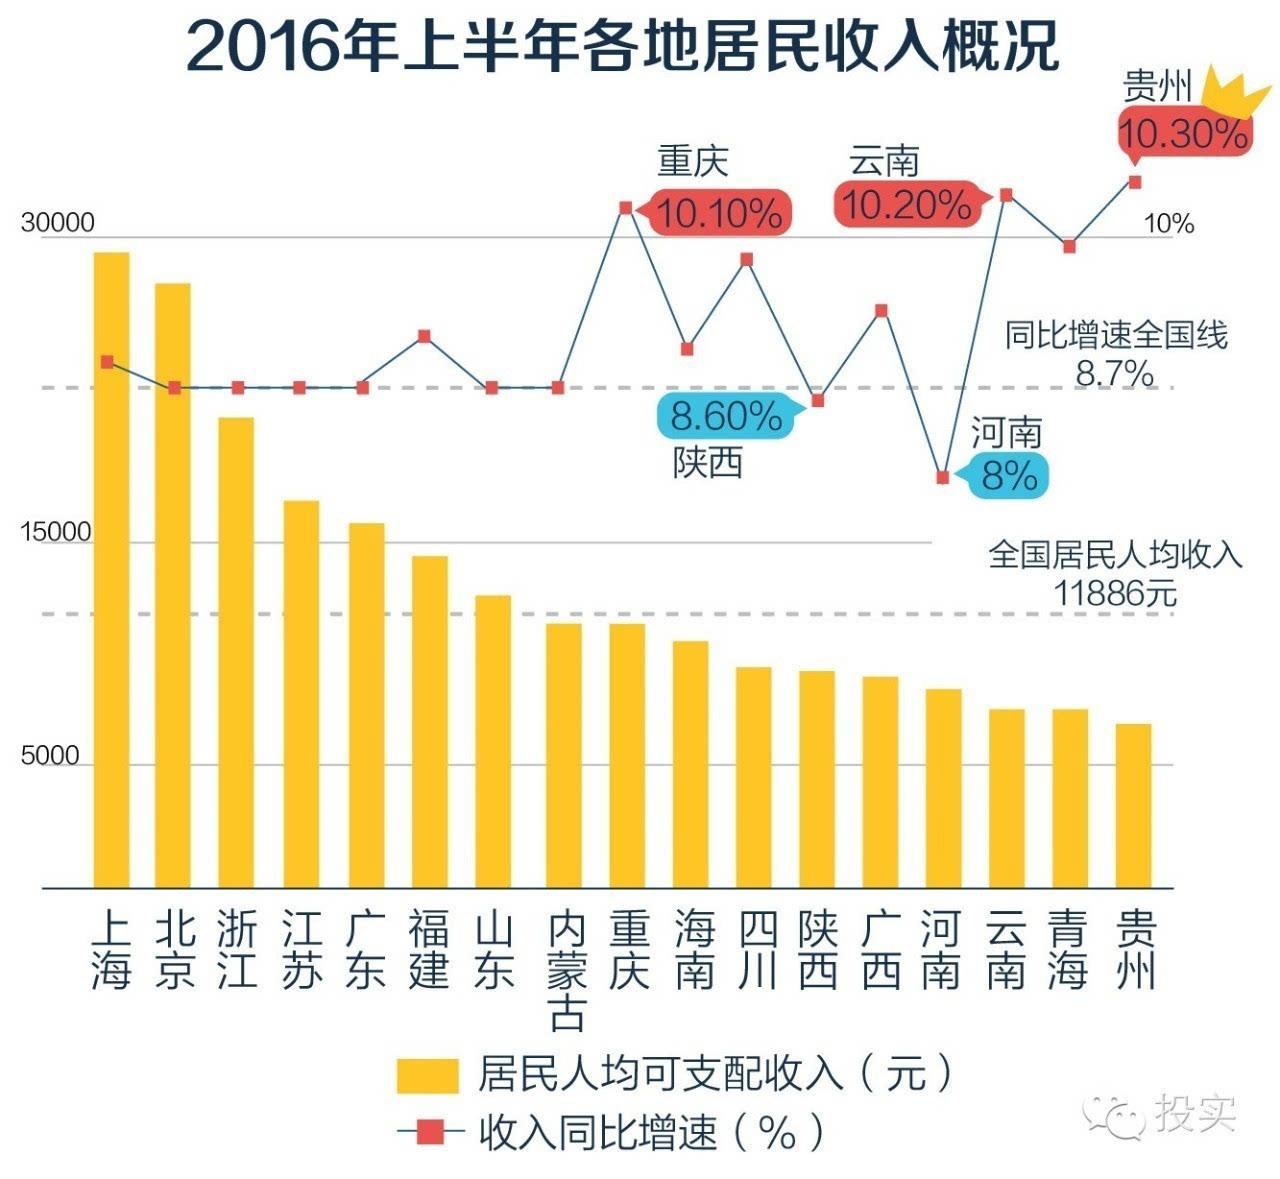 河南南乐gdp_2018河南gdp排名 河南各市gdp排名2018 去年1 4季度河南各市生产总值排名 国内财经